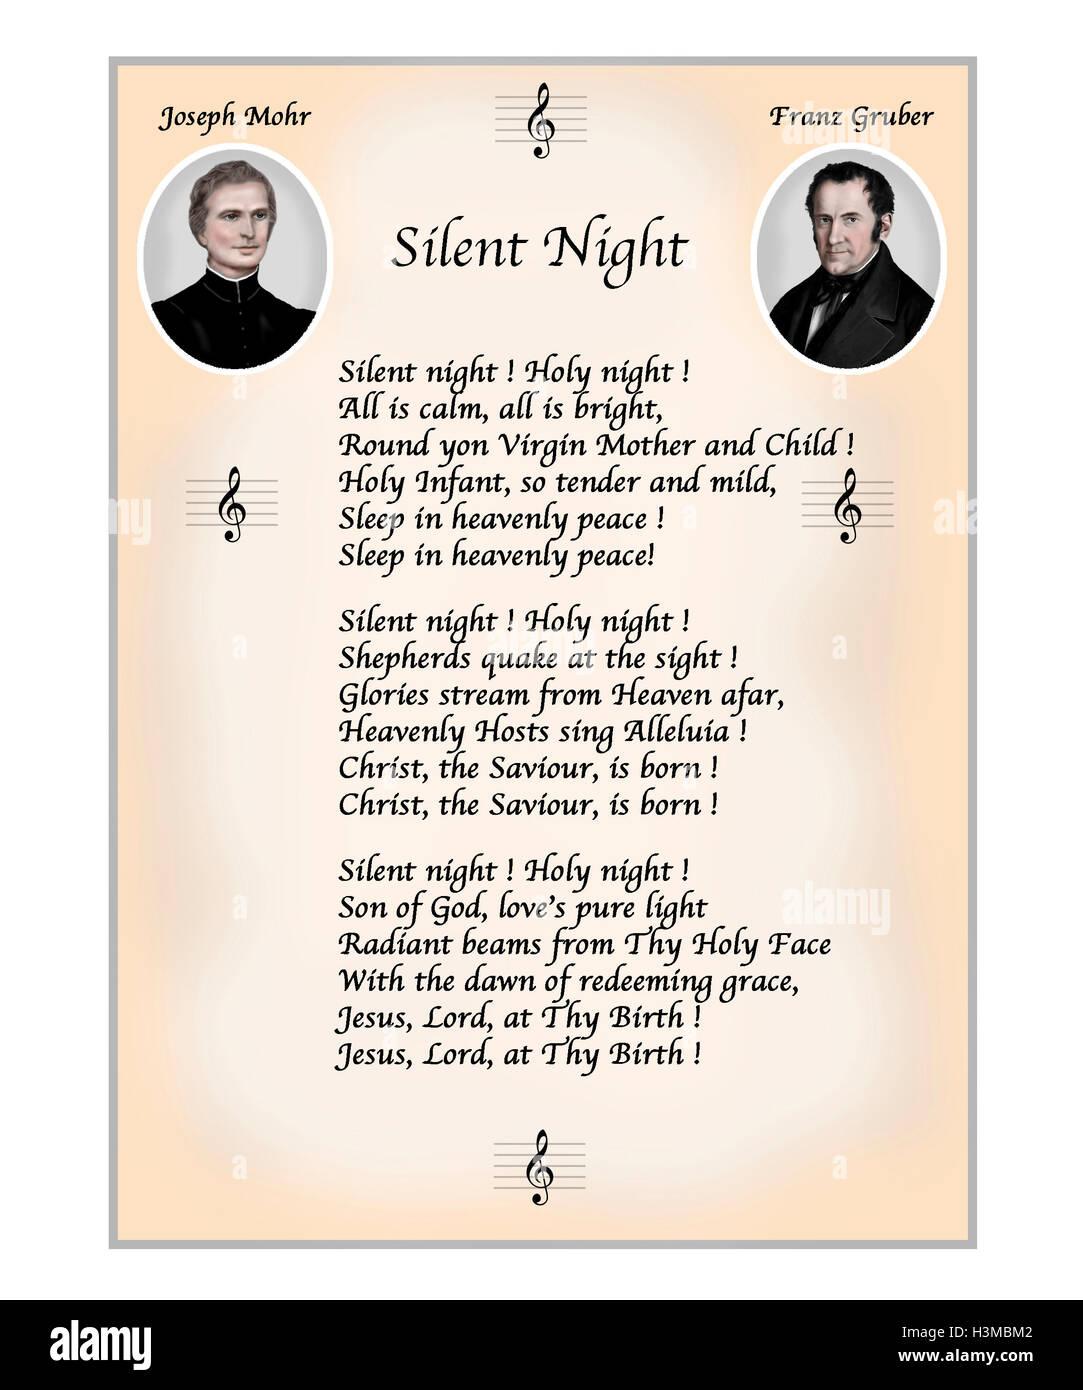 Stille Nacht Englischer Text Moderne Darstellung Mit Porträts Des